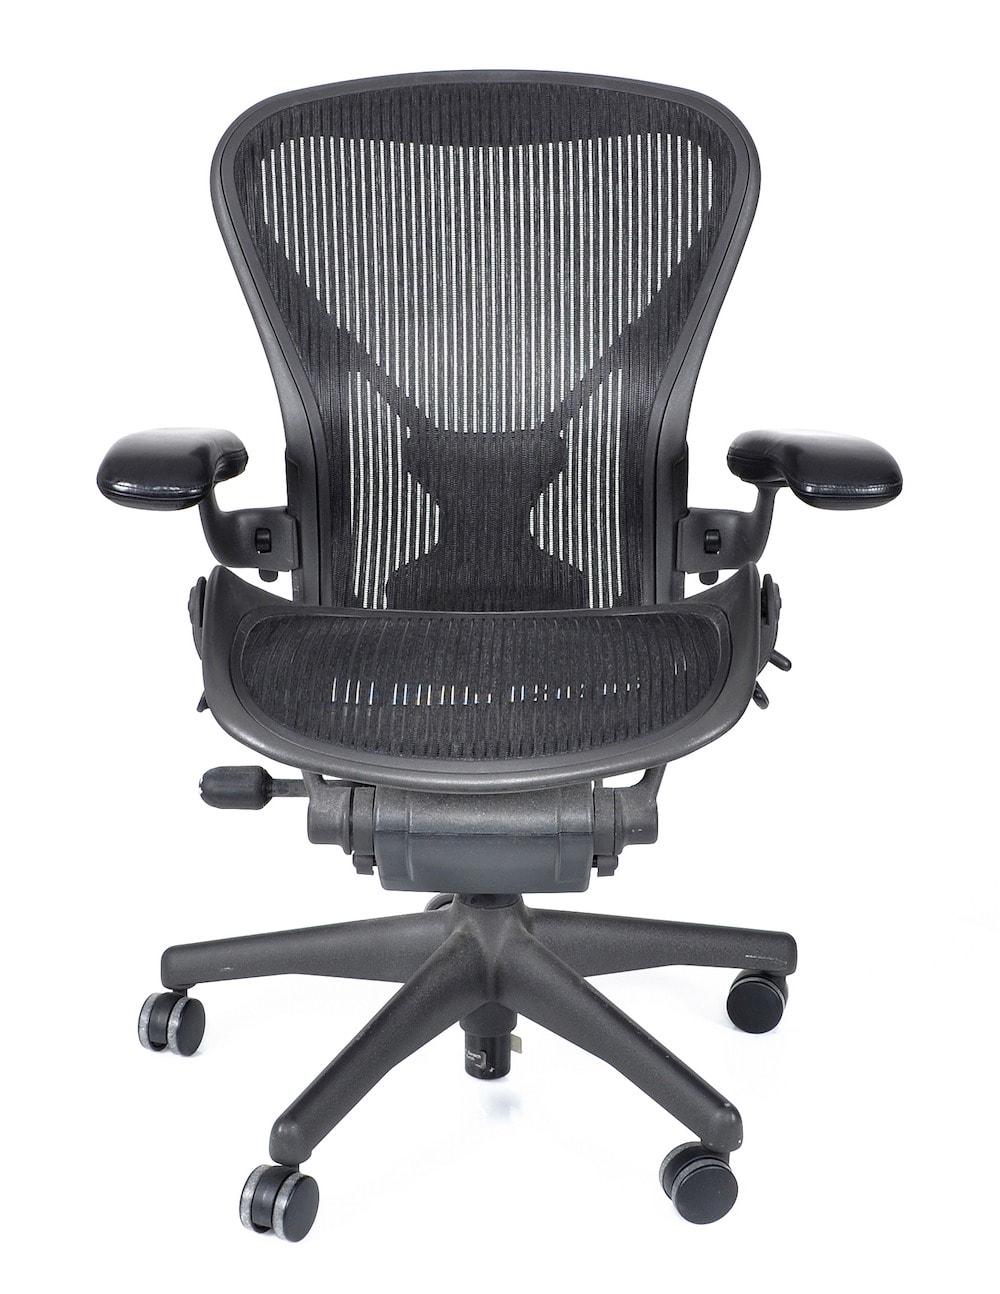 Stühle in 360 Grad